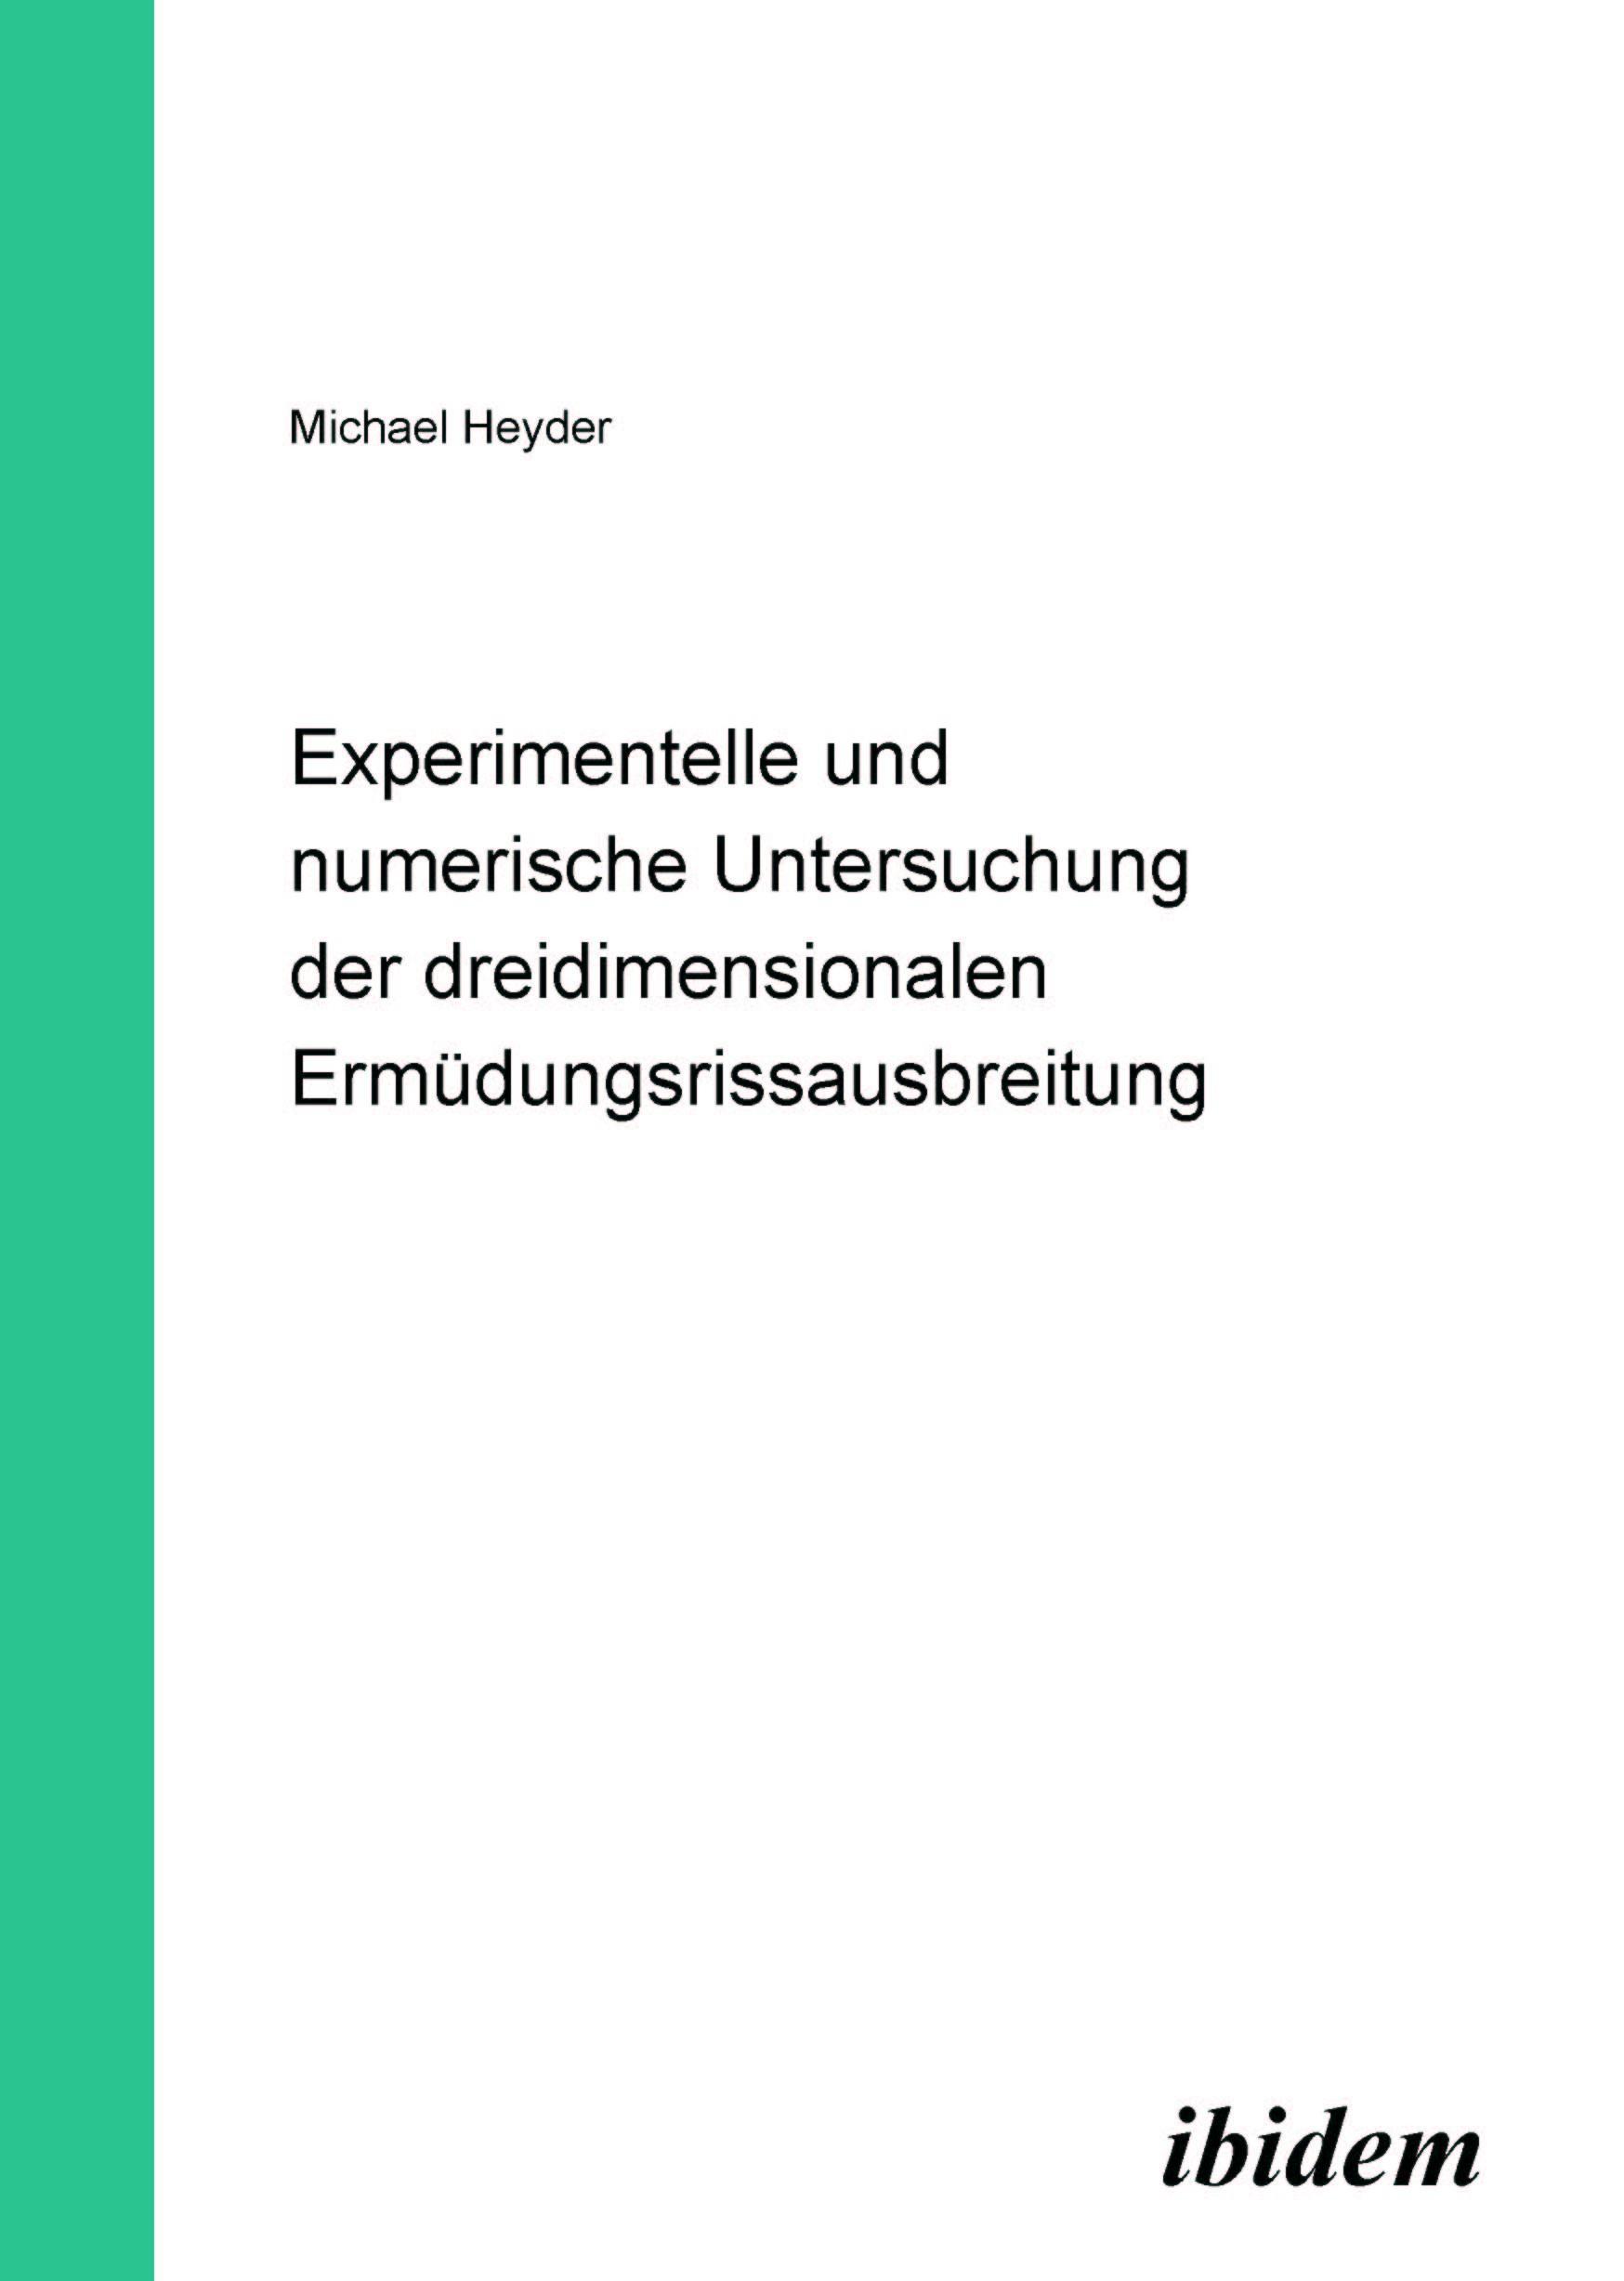 Experimentelle und numerische Untersuchung der dreidimensionalen Ermüdungsrissausbreitung